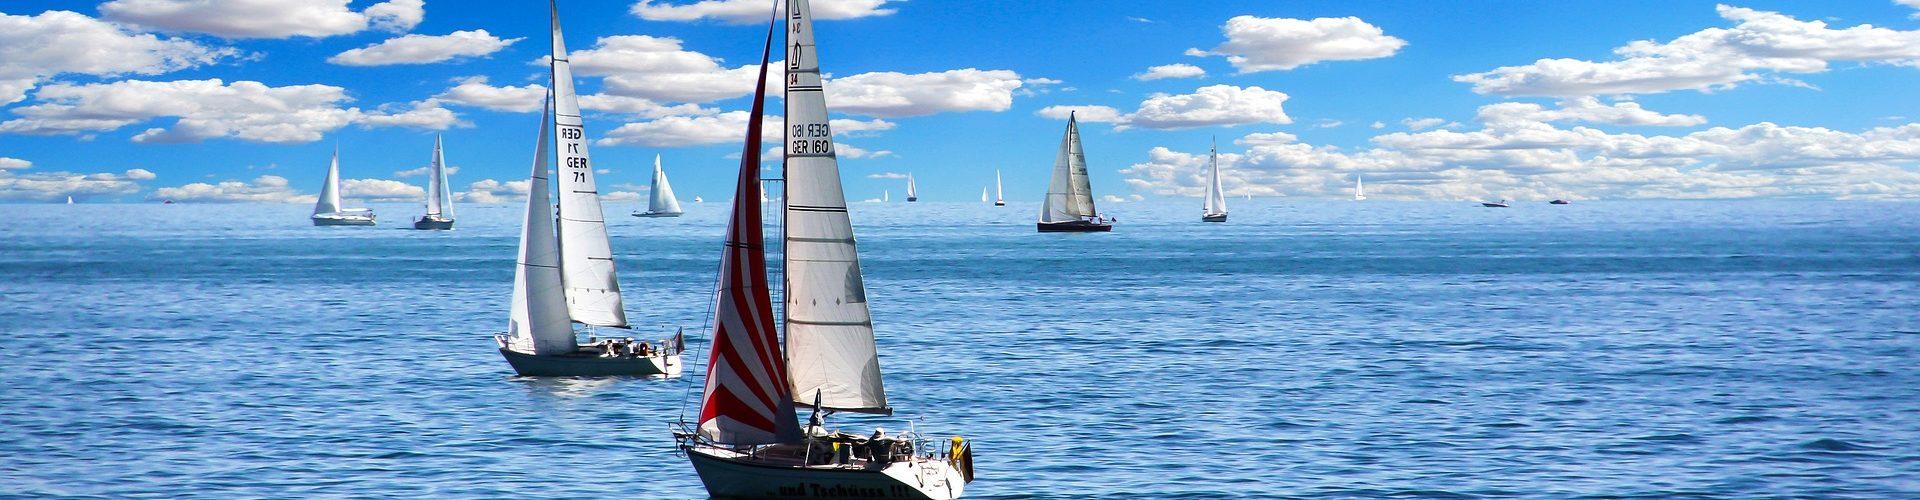 segeln lernen in Konz segelschein machen in Konz 1920x500 - Segeln lernen in Konz